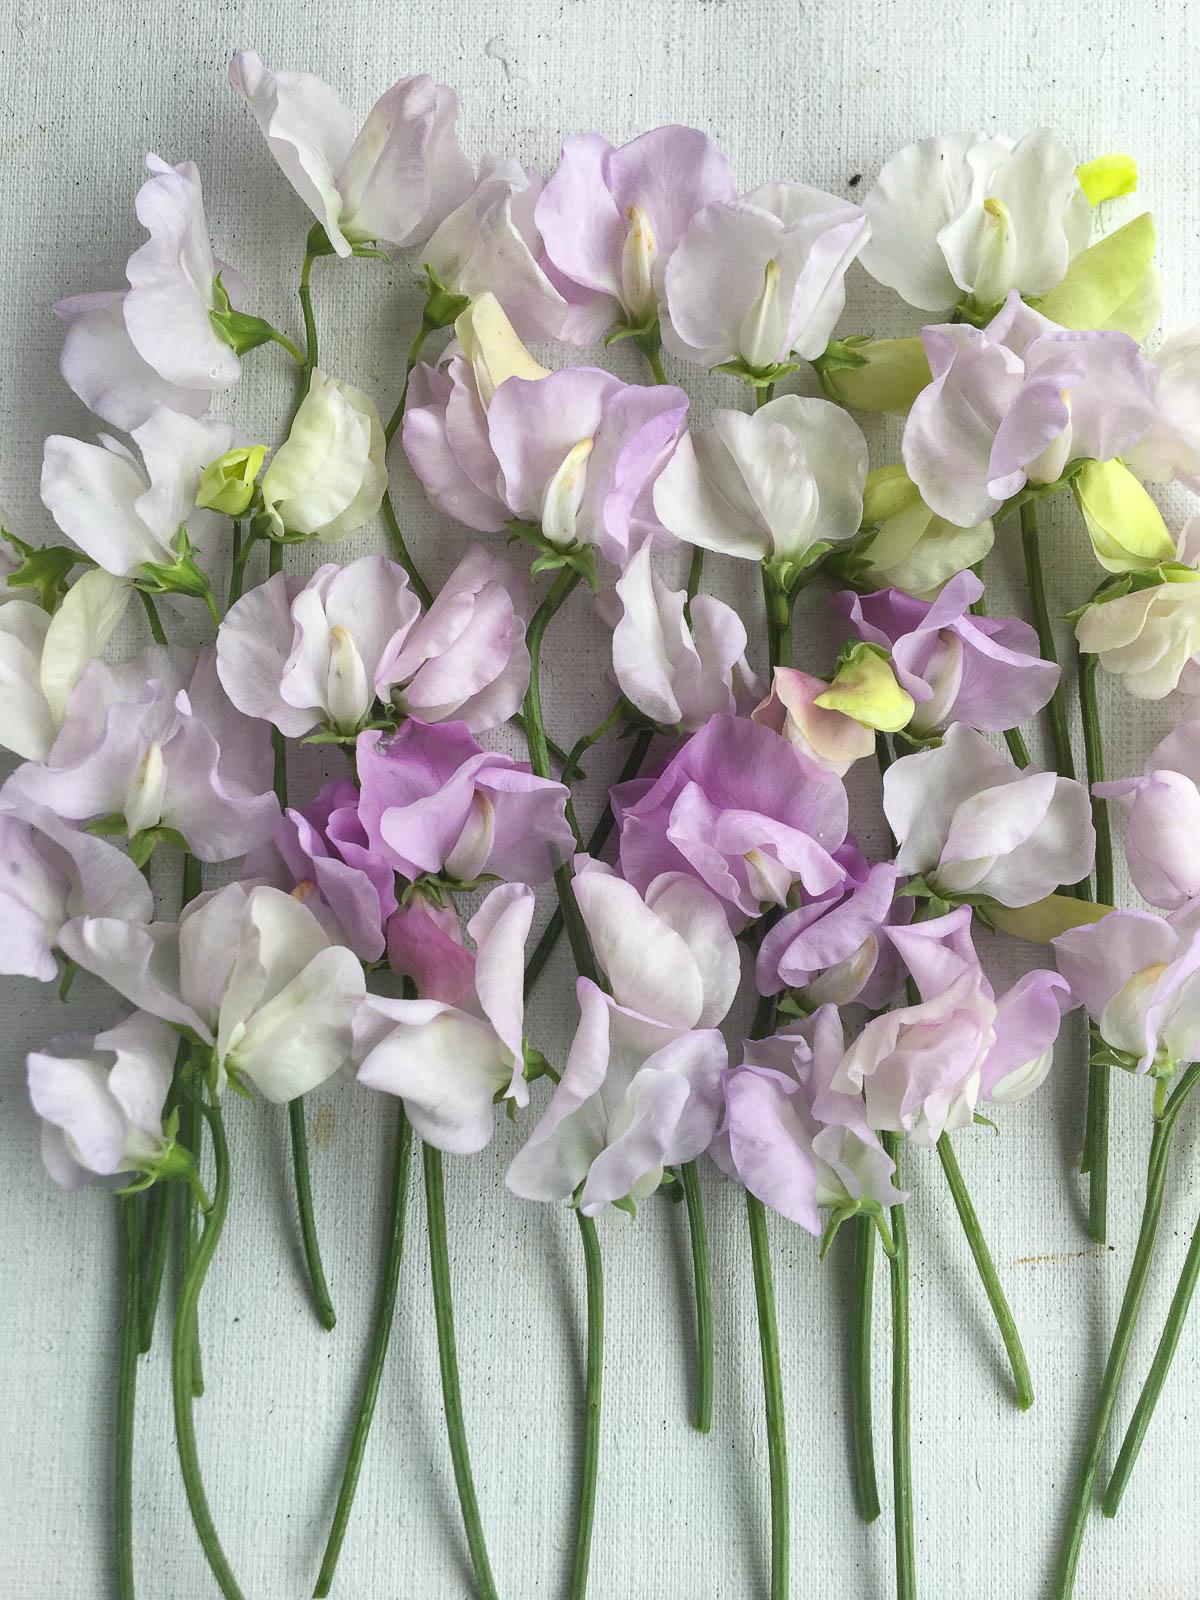 Jag är lite svag för luktärten 'Percy Throwers' blekt violetta fluff.